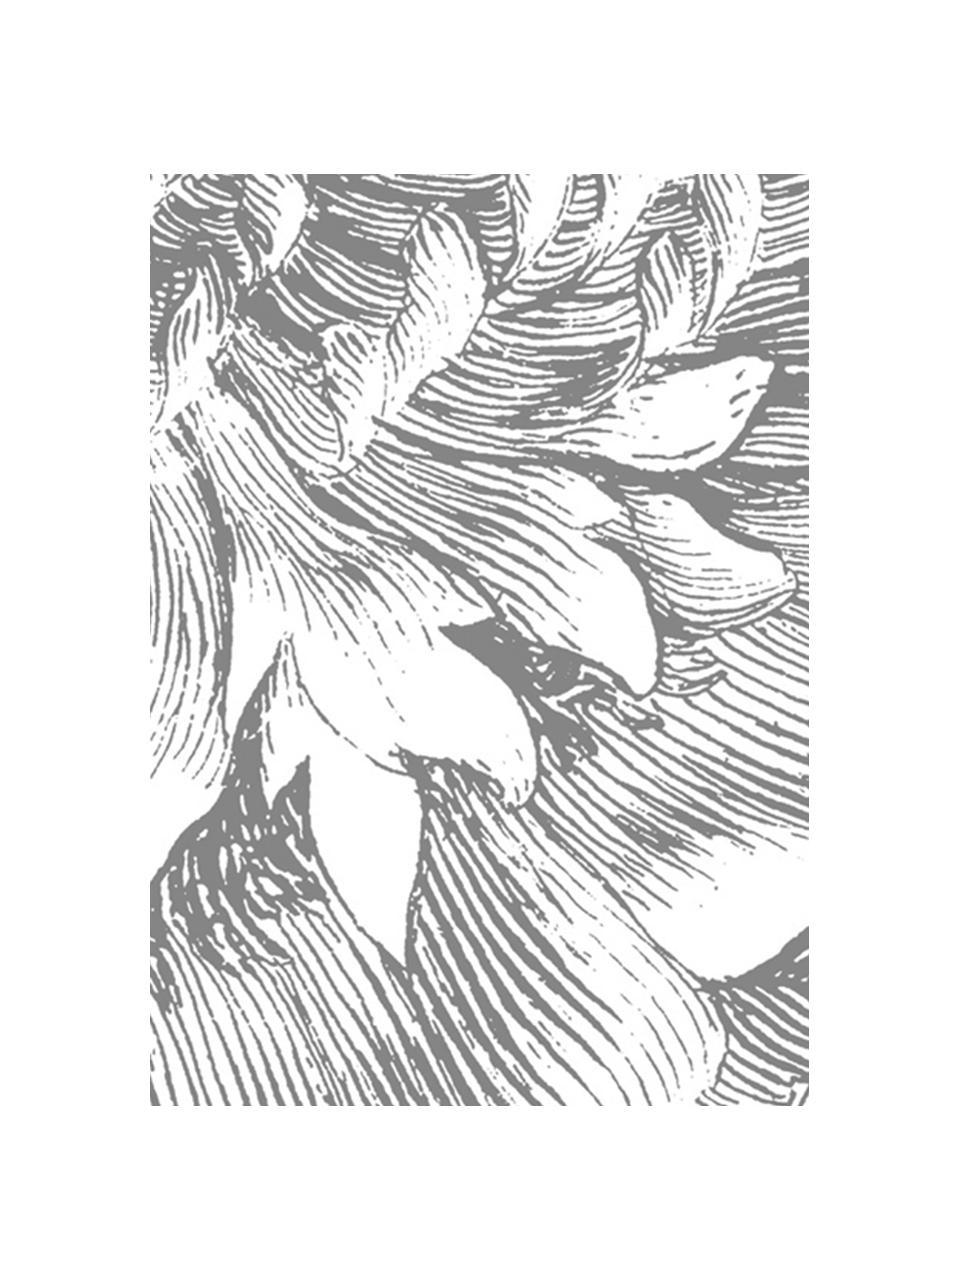 Fototapeta Engraved Flowers, Włóknina, przyjazna dla środowiska, biodegradowalna, Szary, biały, S 389 x W 280 cm